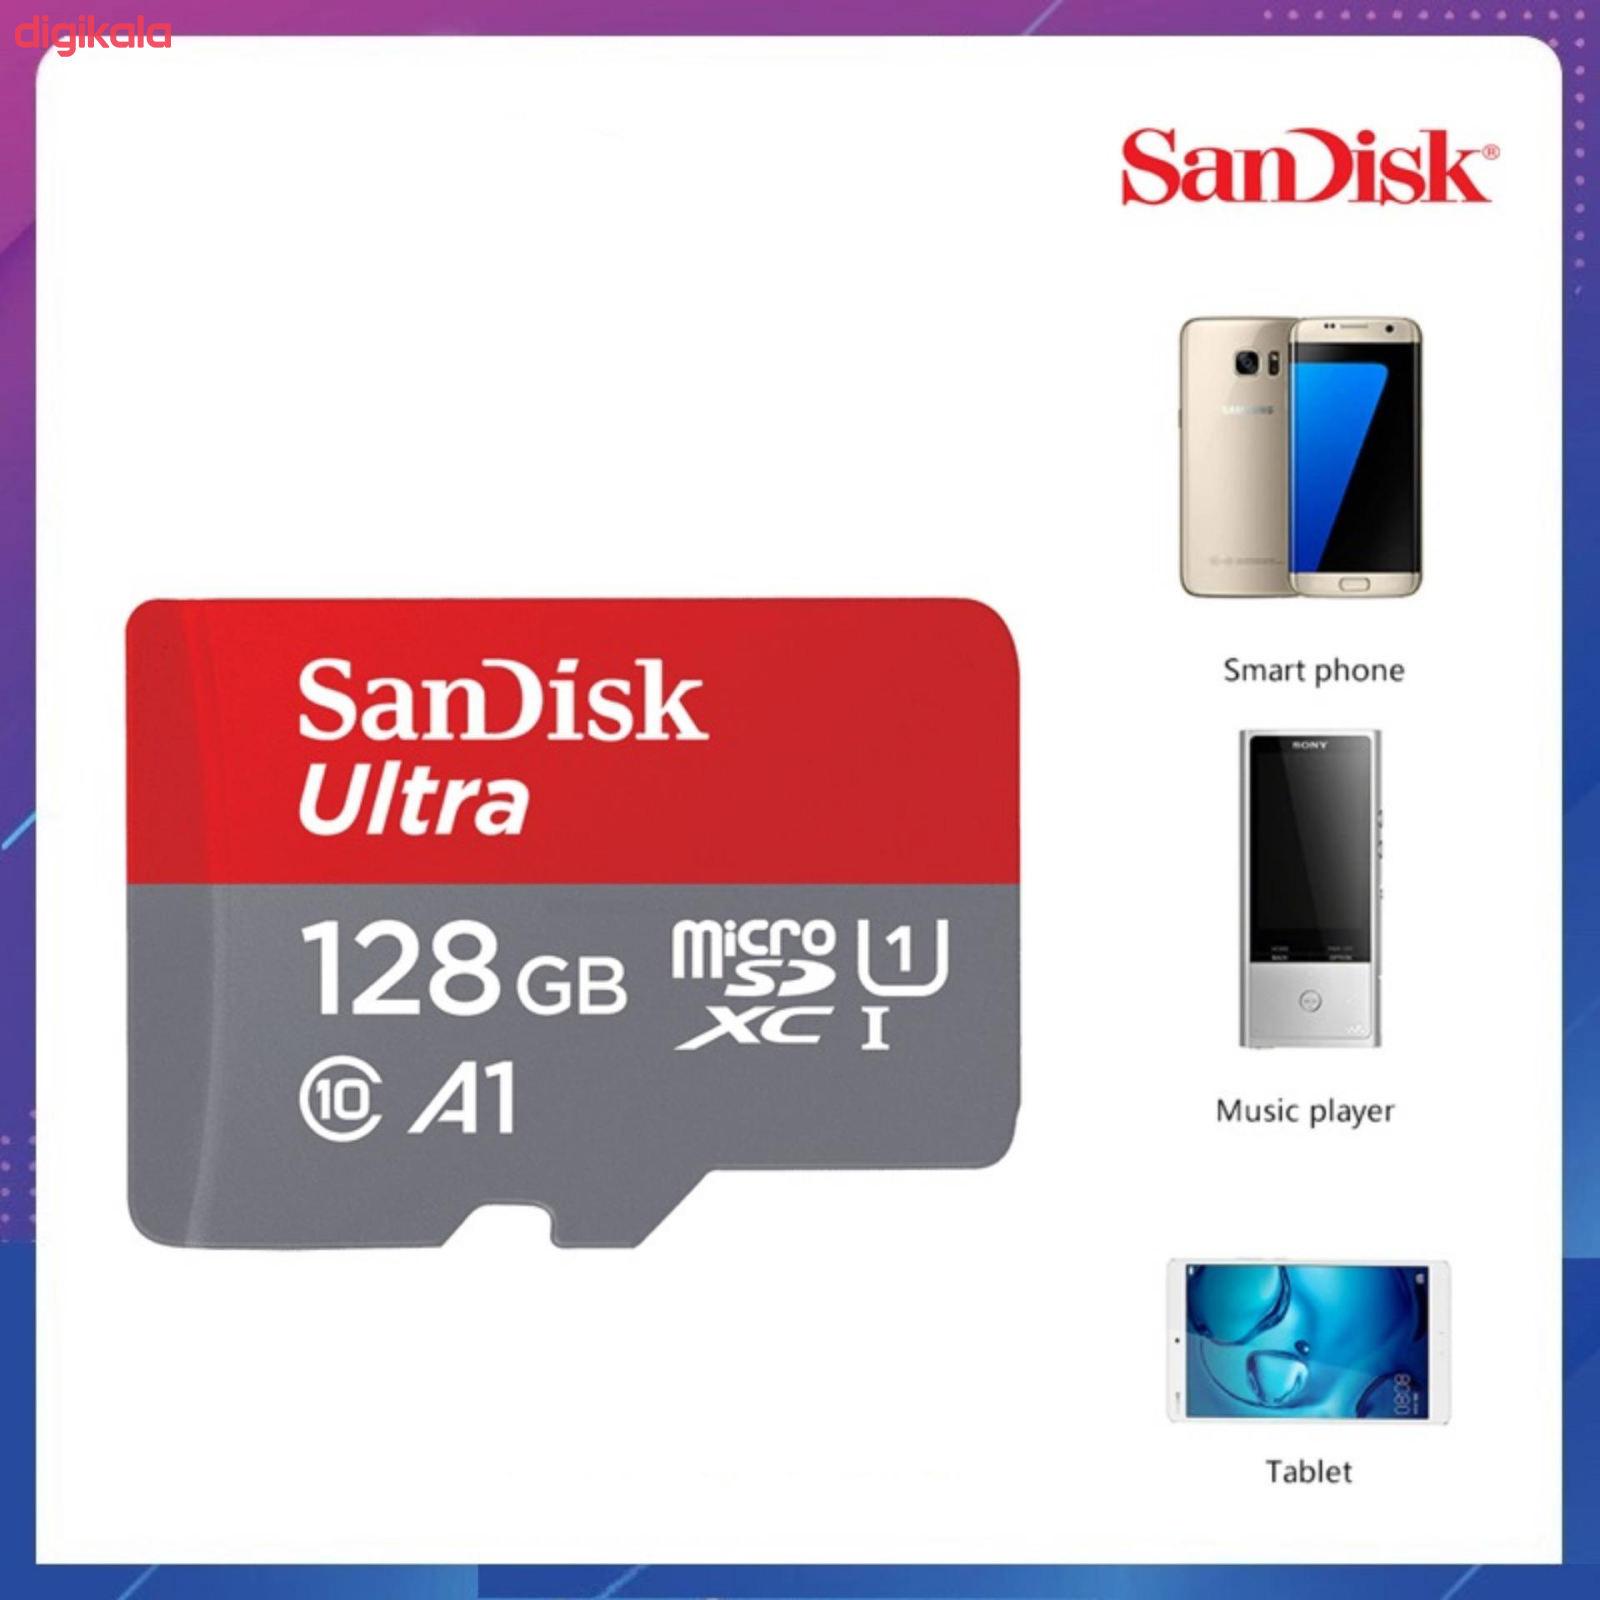 کارت حافظه microSDXC سن دیسک مدل Ultra A1 کلاس 10 استاندارد UHS-I U1  سرعت 100MBps ظرفیت 128 گیگابایت  main 1 5